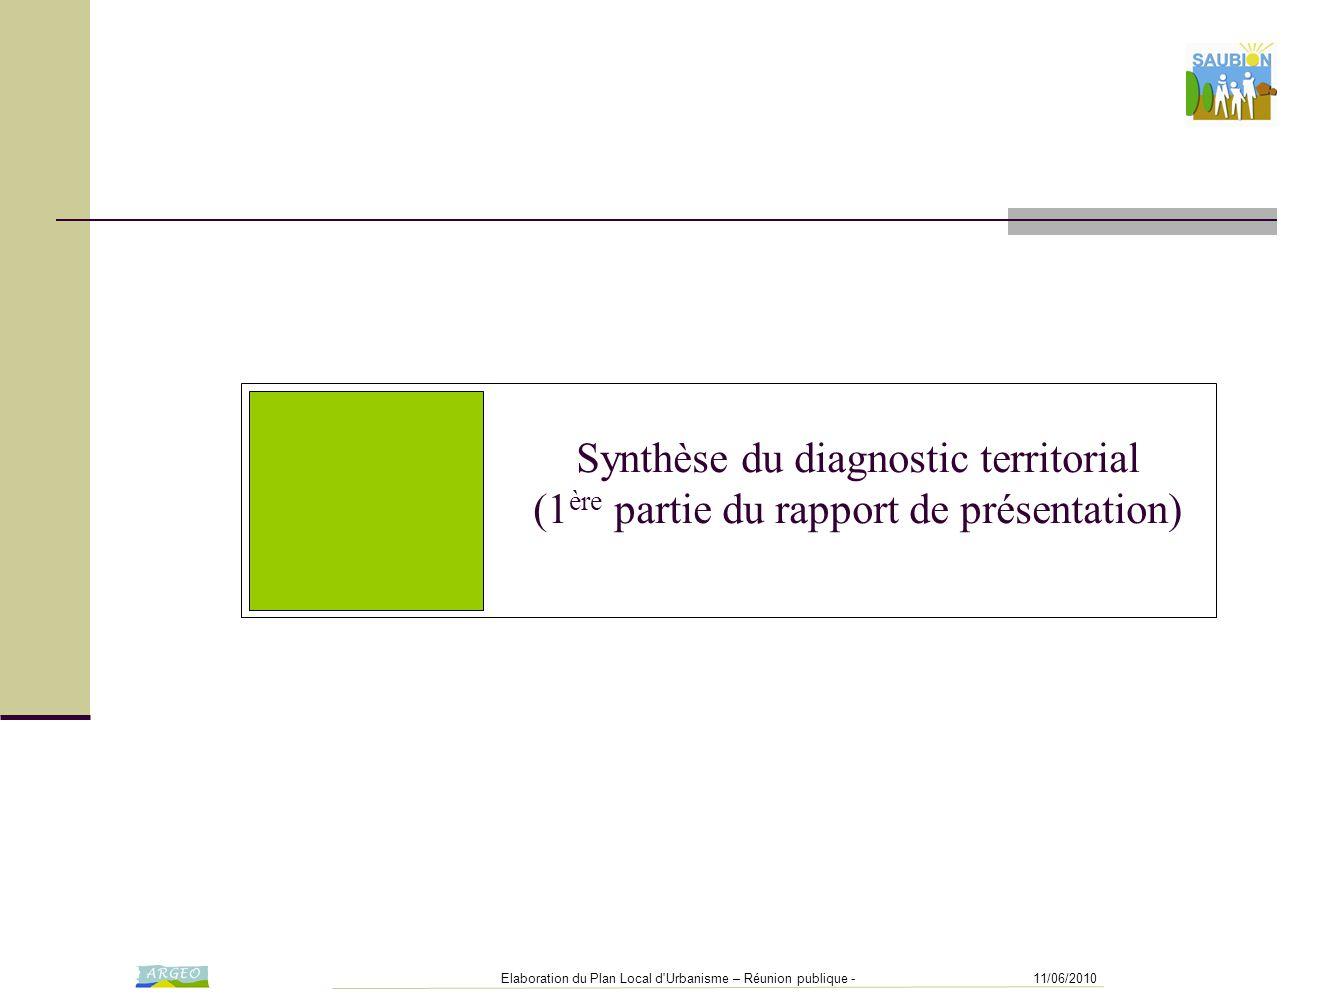 Synthèse du diagnostic territorial (1ère partie du rapport de présentation)